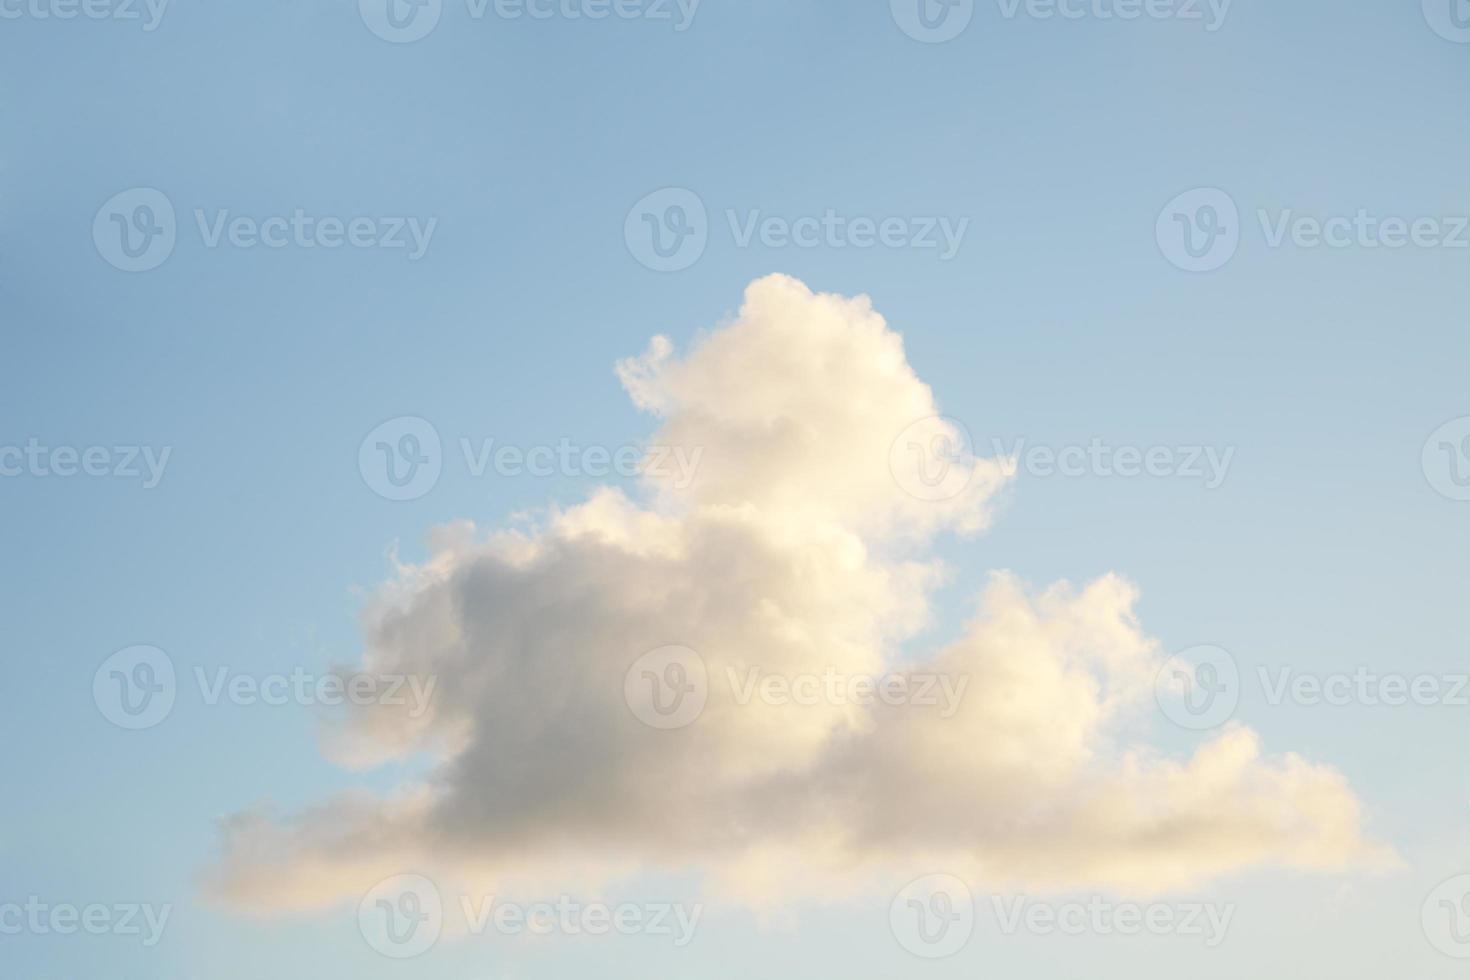 enkele witte stapelwolk tegen blauwe hemel foto